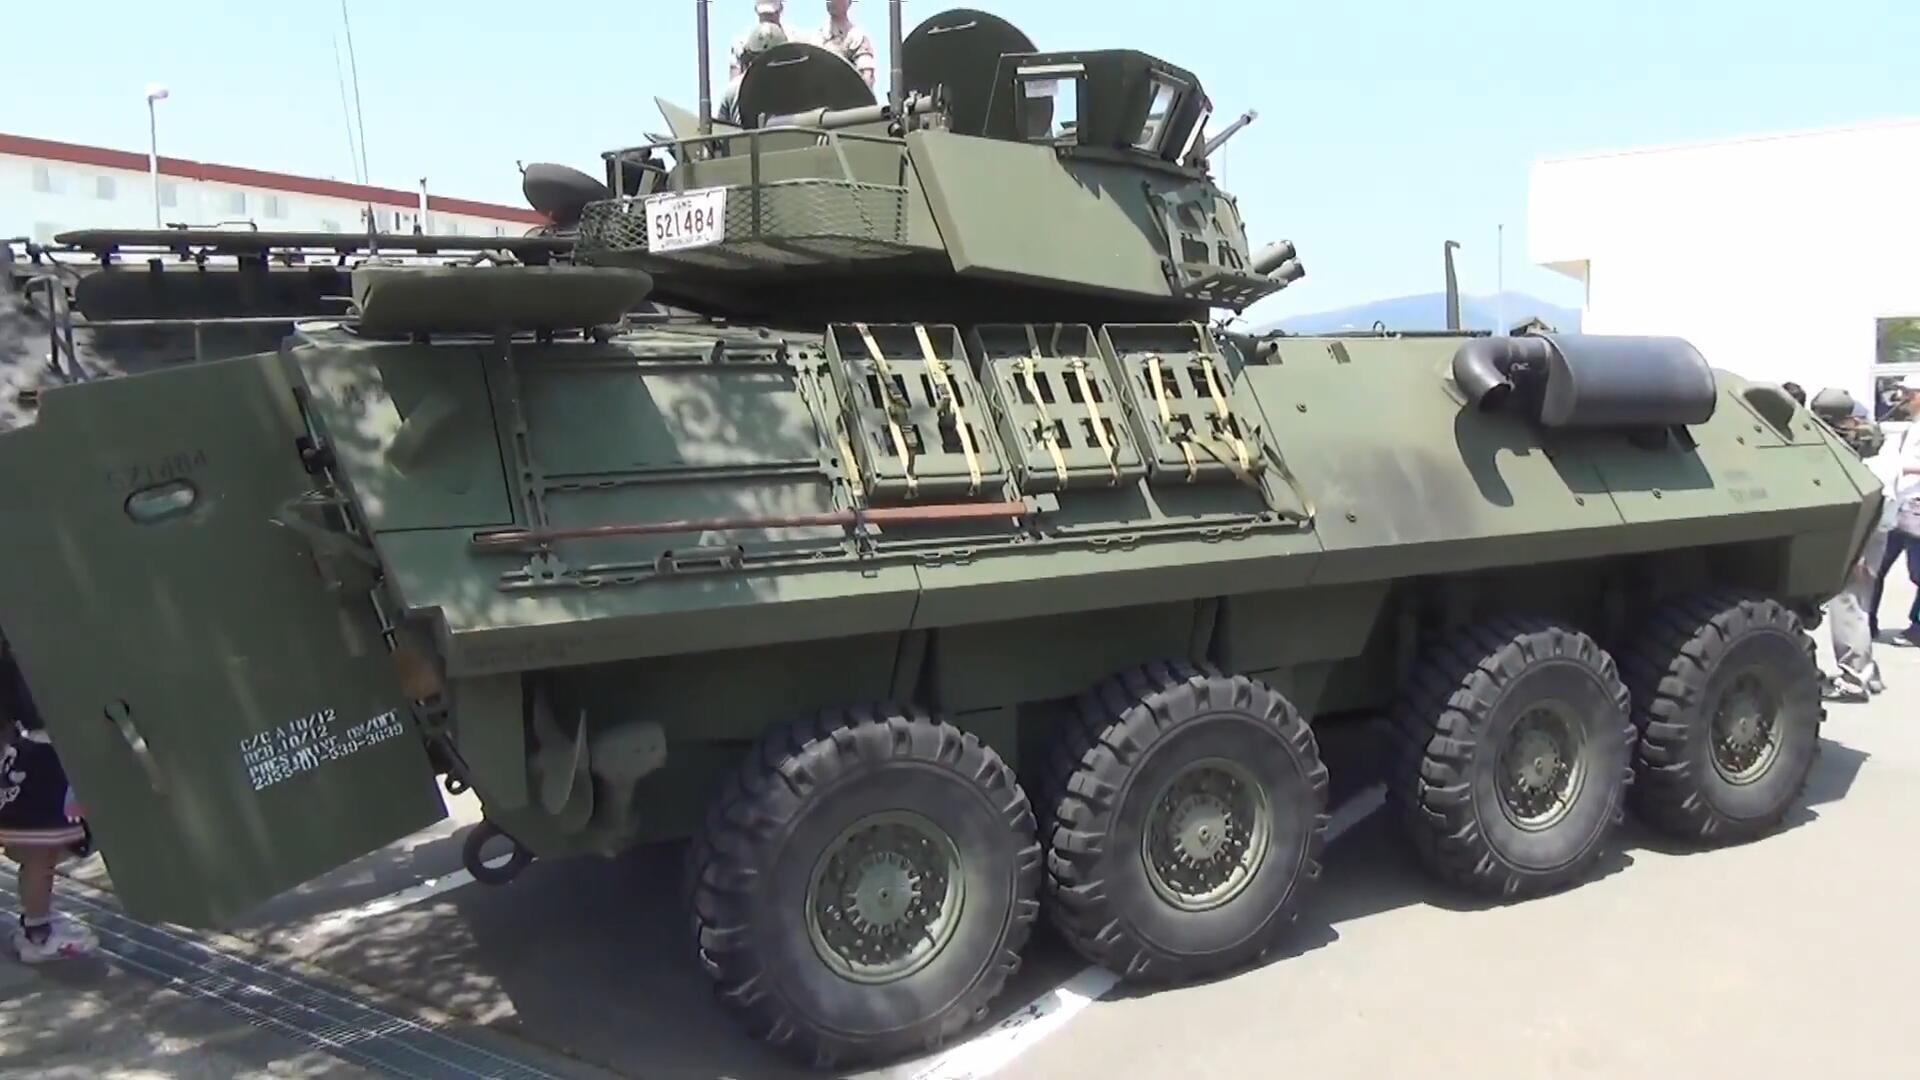 美国海军陆战队,LAV-25A2型轮式步兵战车,看上去挺先进的样子